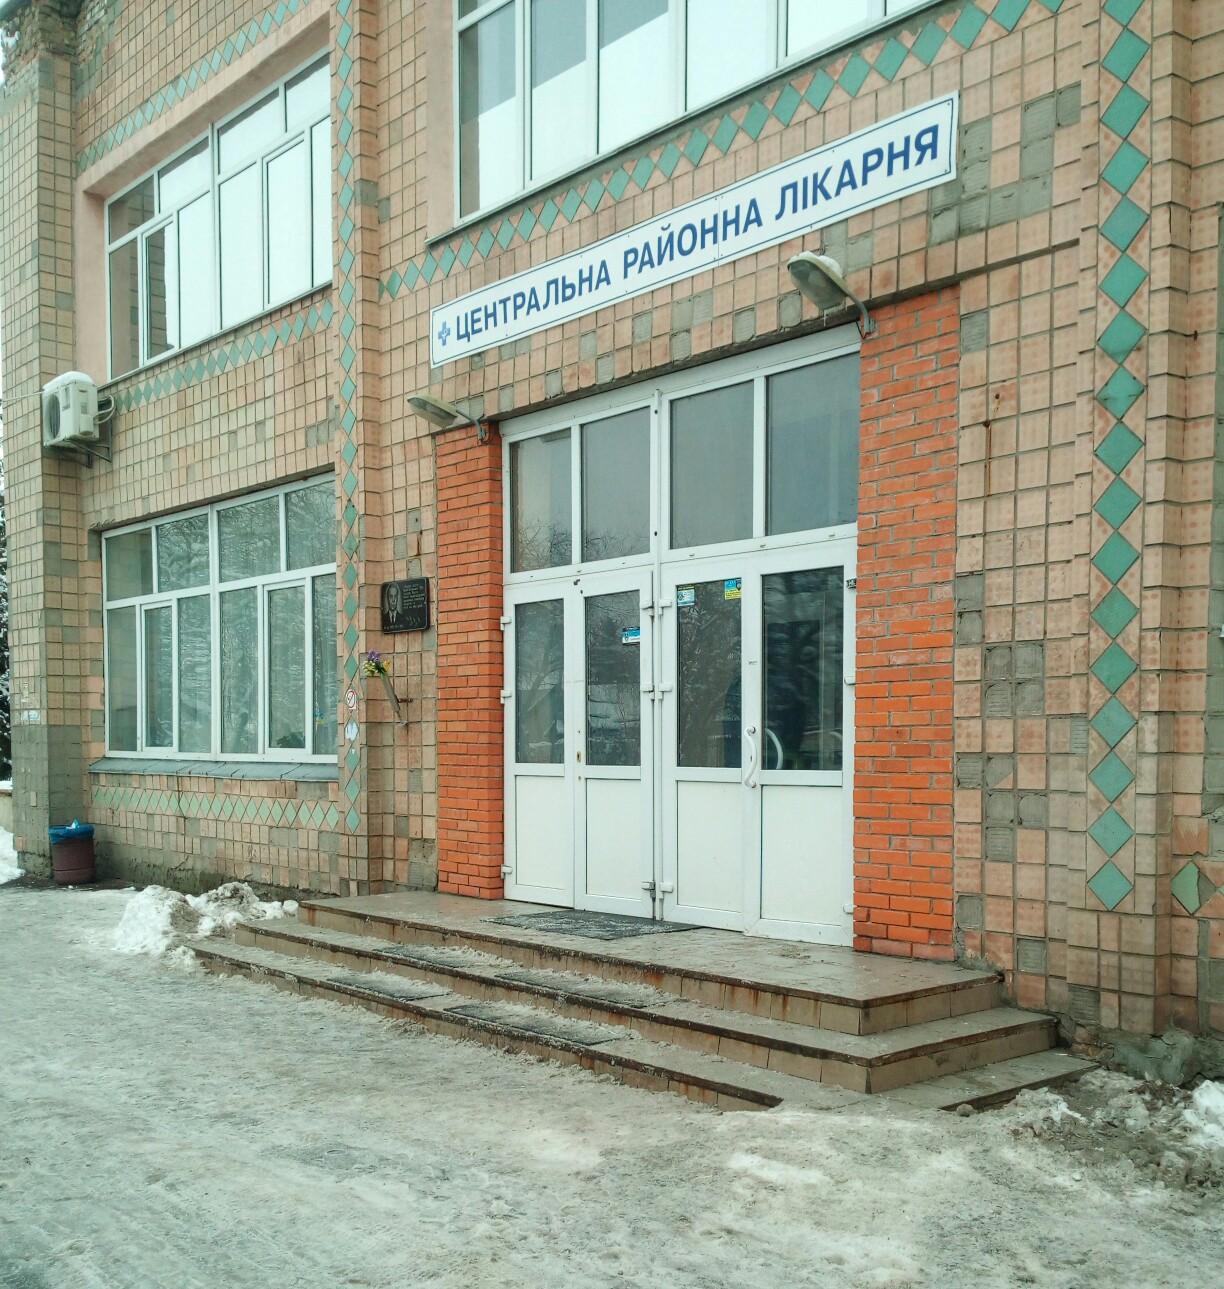 IMG_20190104_152728_540 У Бориспільській ЦРЛ відбудеться День донора